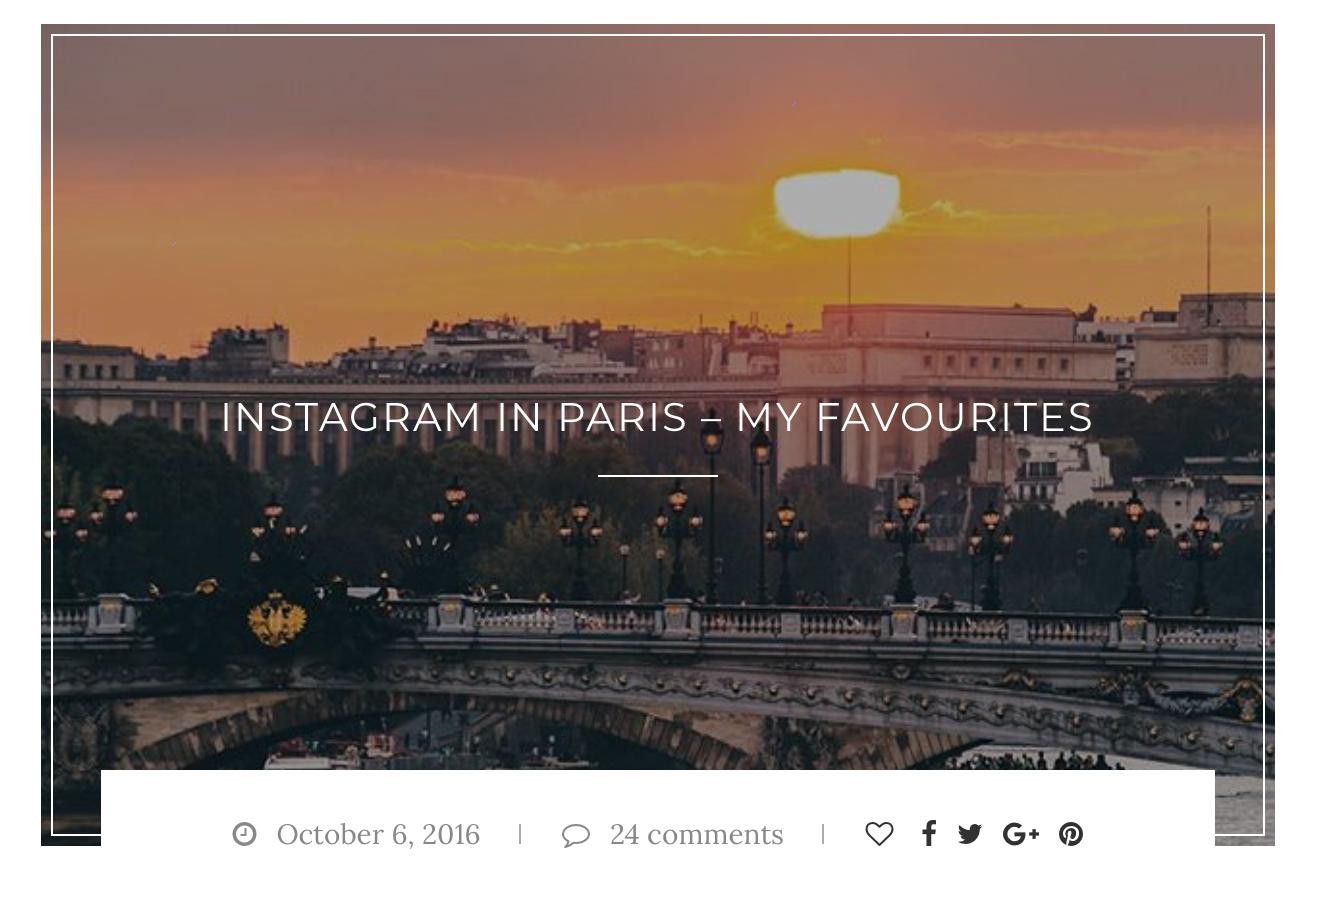 INSTAGRAM IN PARIS – MY FAVOURITES